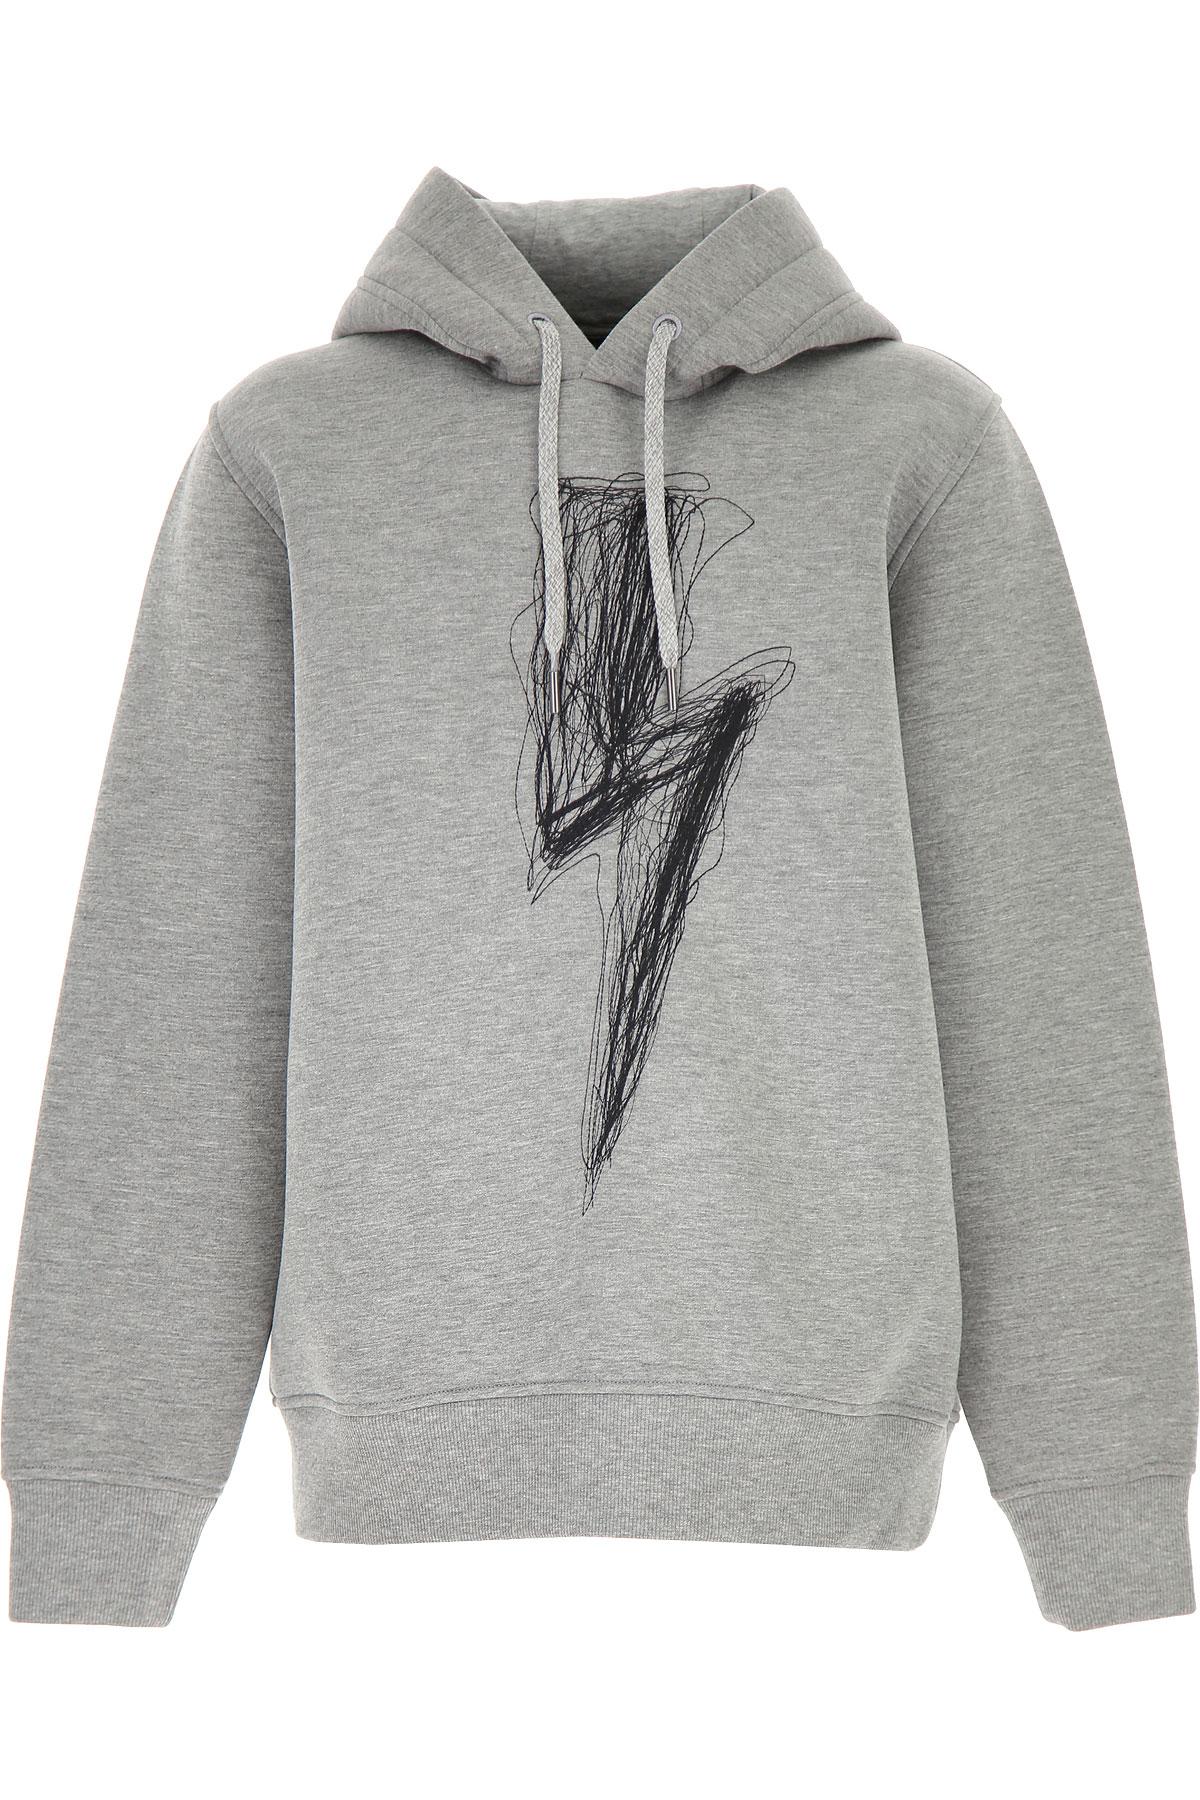 Neil Barrett Kids Sweatshirts & Hoodies for Boys On Sale, Grey, viscosa, 2019, 10Y 12Y 14Y 8Y